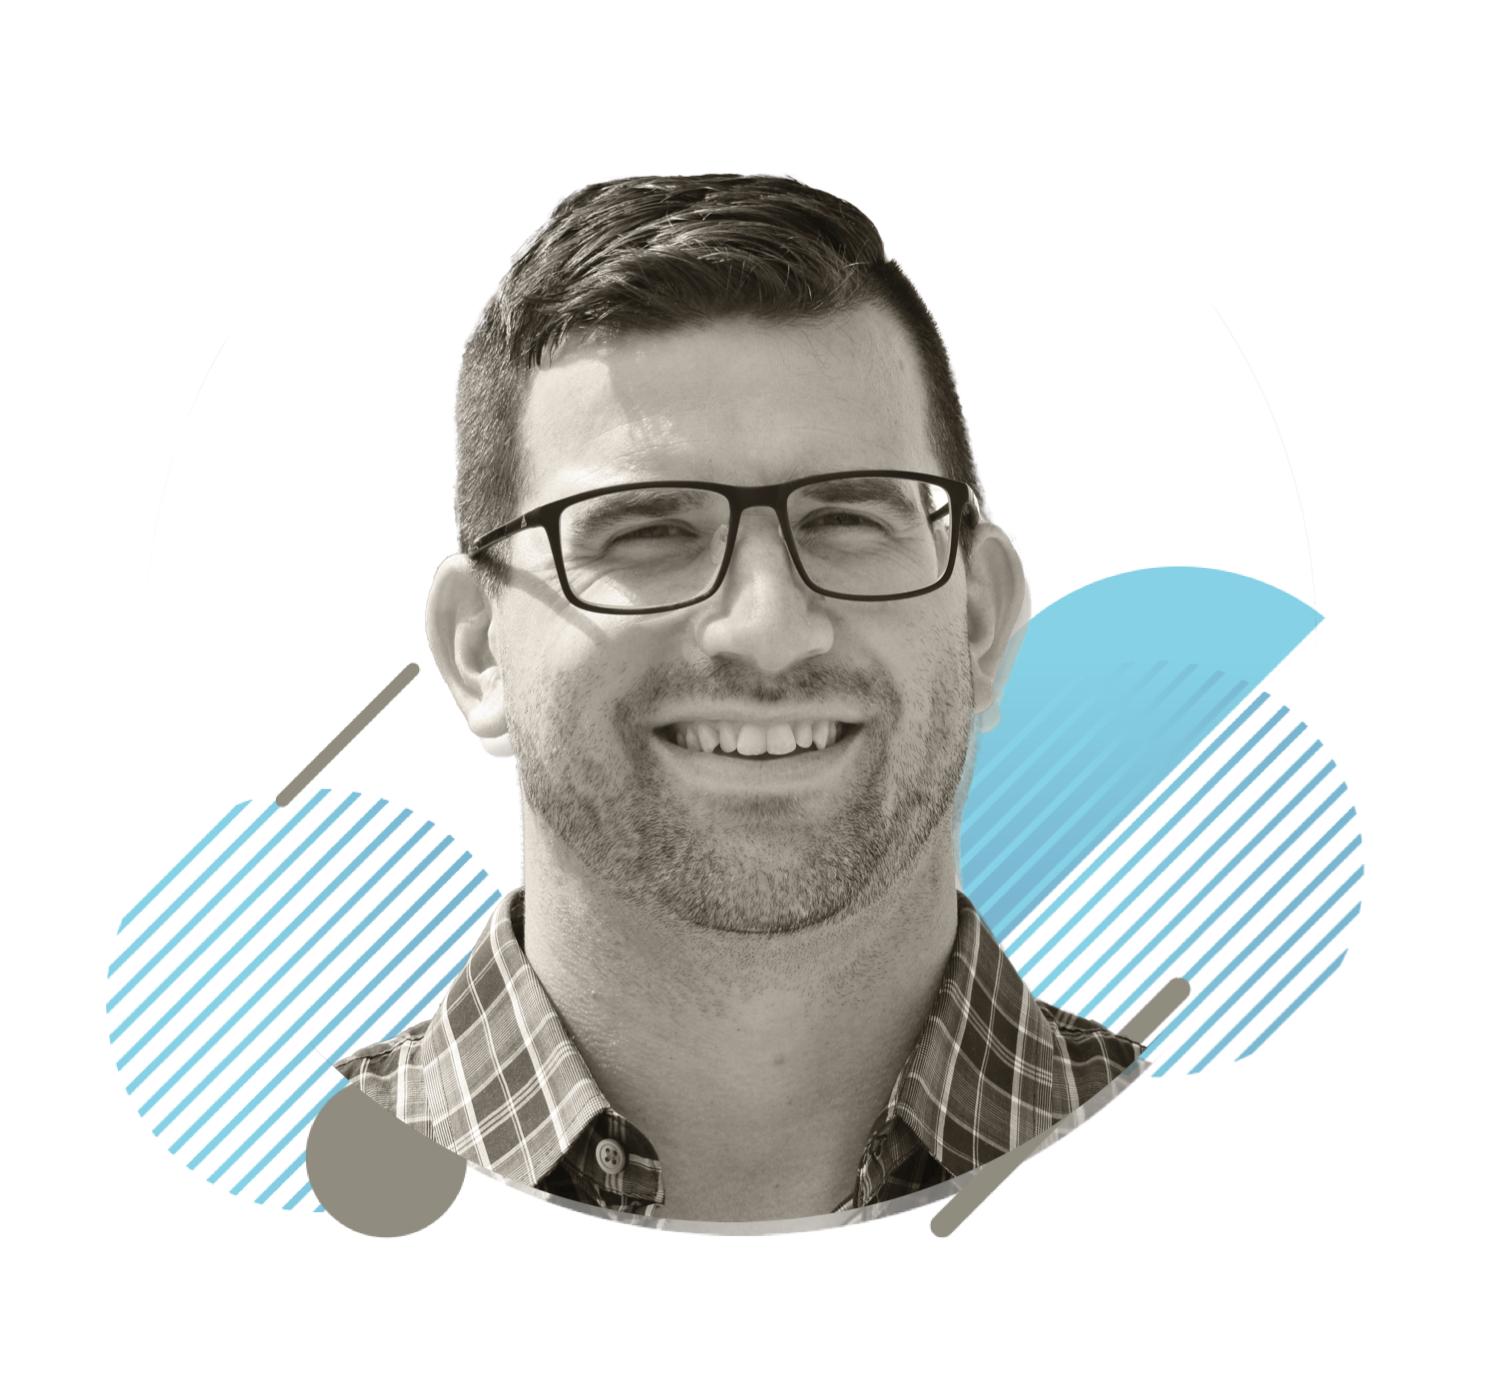 WBG_Bryan_digital-marketing_consult